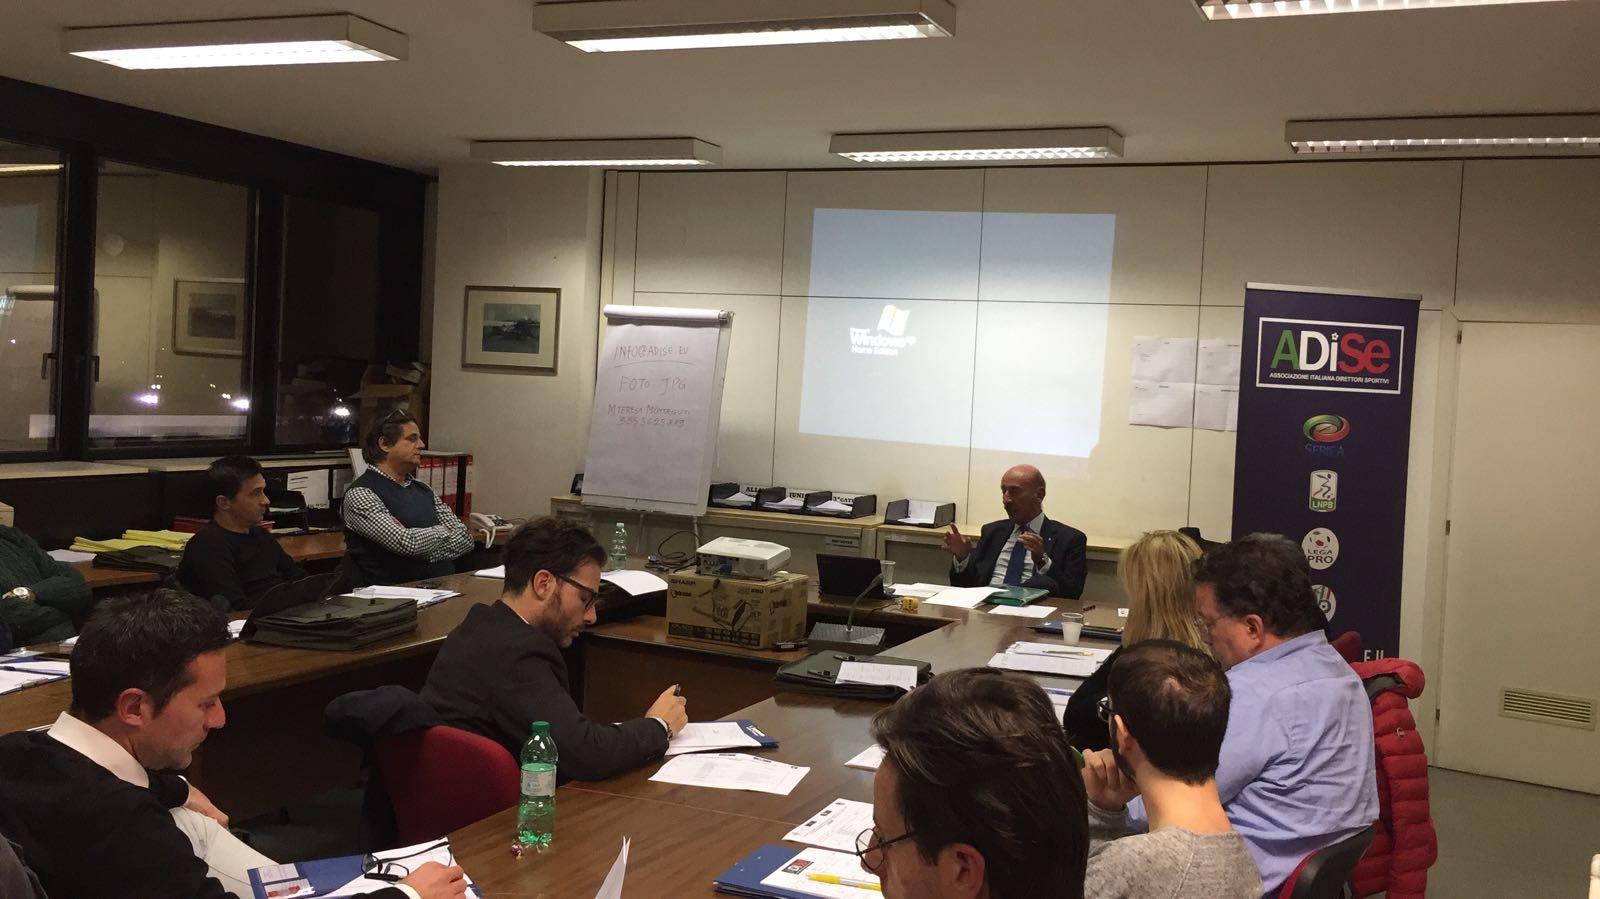 Prorogata La Data Di Iscrizione Al Corso Per Collaboratori Della Gestione Sportiva In Programmazione Al Comitato Regionale Campania